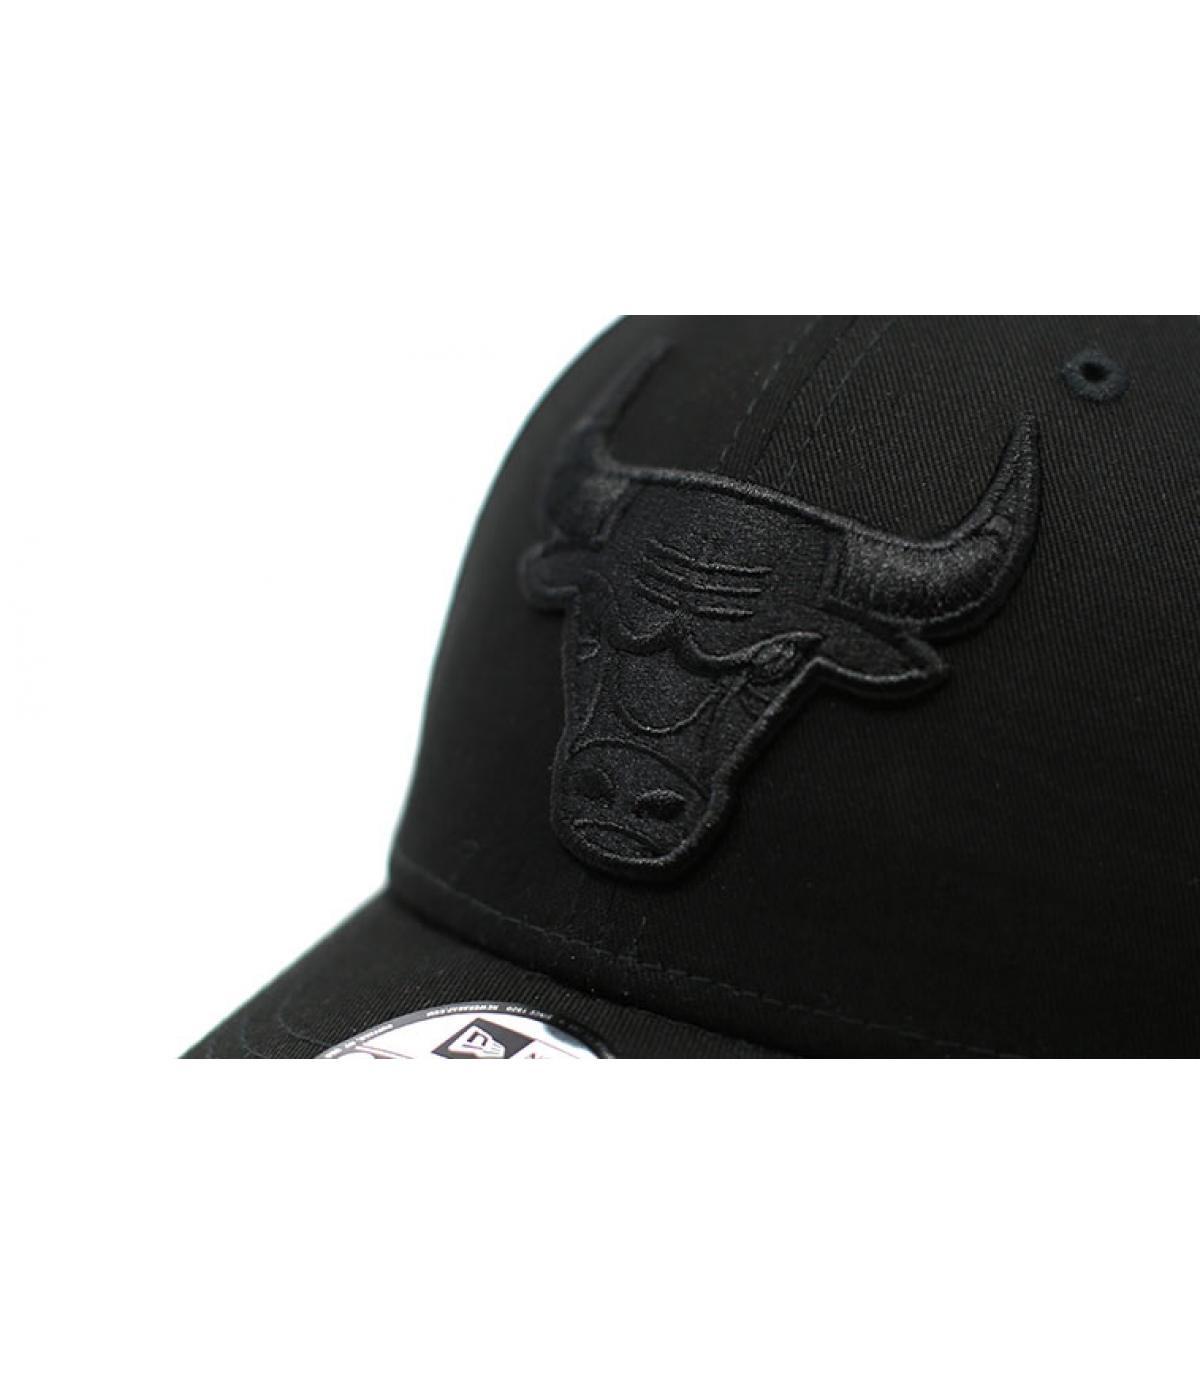 Details Cap 9Forty Bulls Snapback black - Abbildung 3